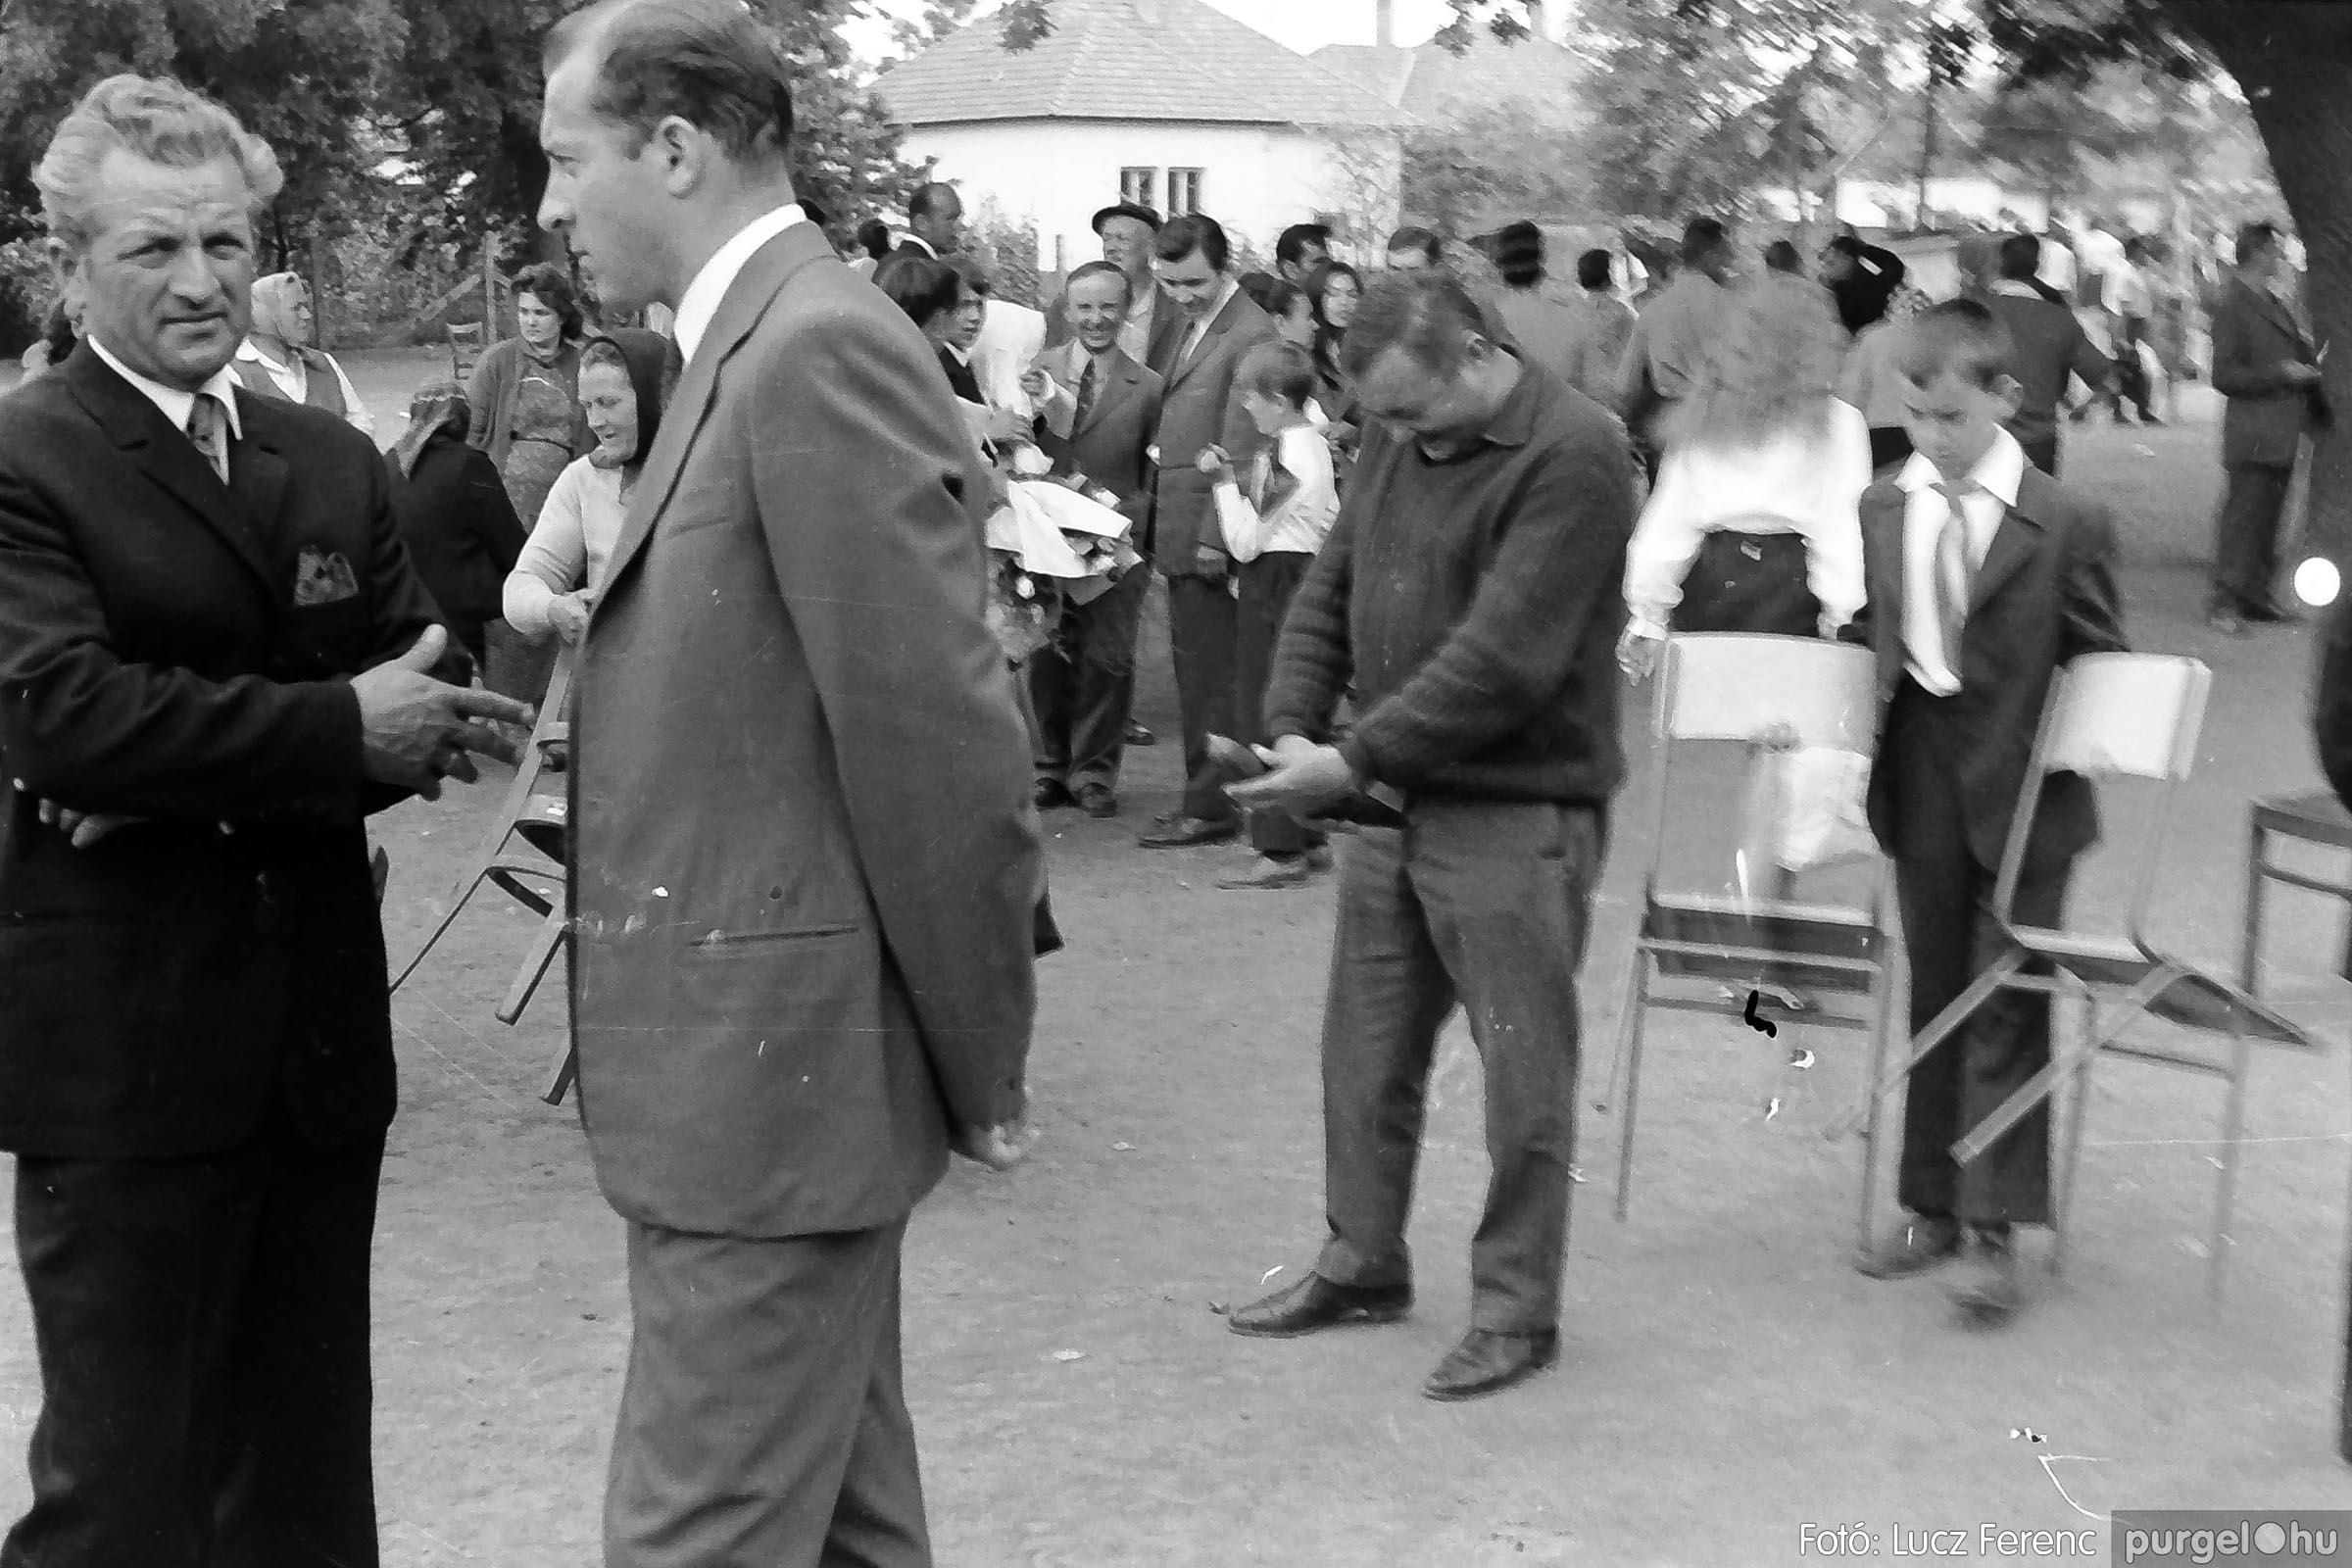 001 1972.05.27. Ballagás a szegvári iskolában 028 - Fotó: Lucz Ferenc - IMG01047q.jpg